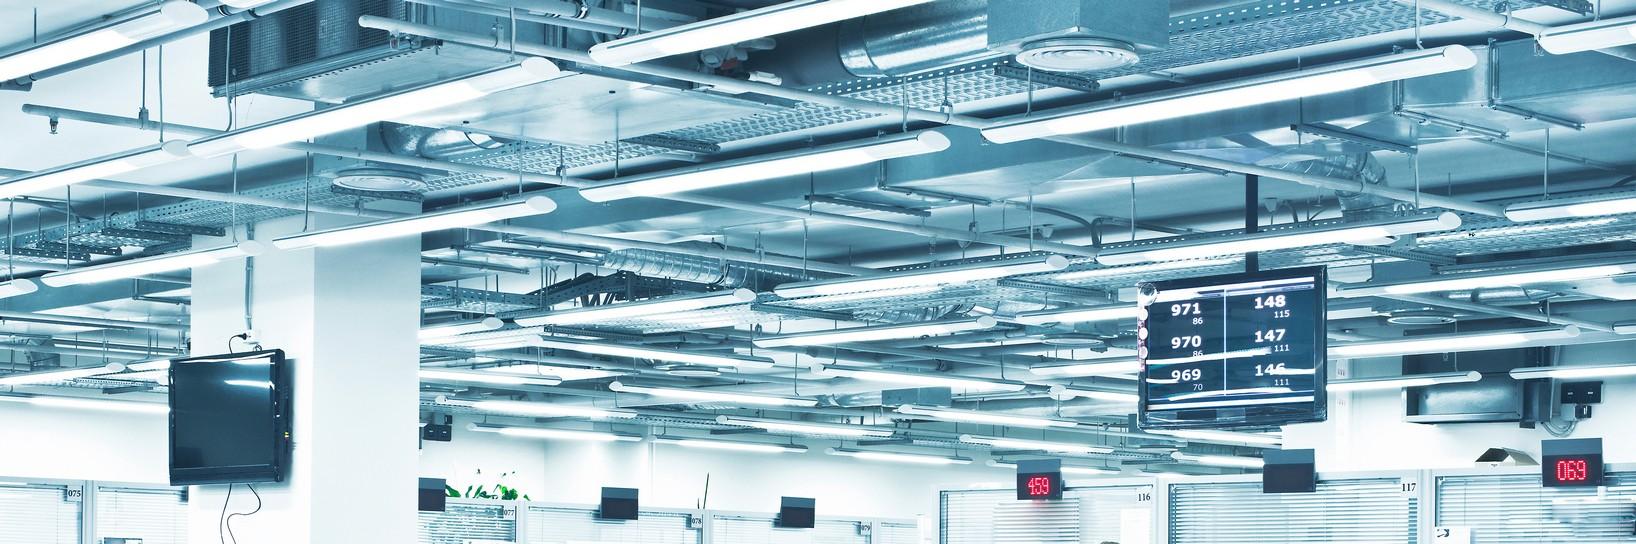 Led lampe flackert beim einschalten deptis inspirierendes vorsicht beim umstieg auf ledrhrenlampen led lampe flackert beim einschalten parisarafo Images